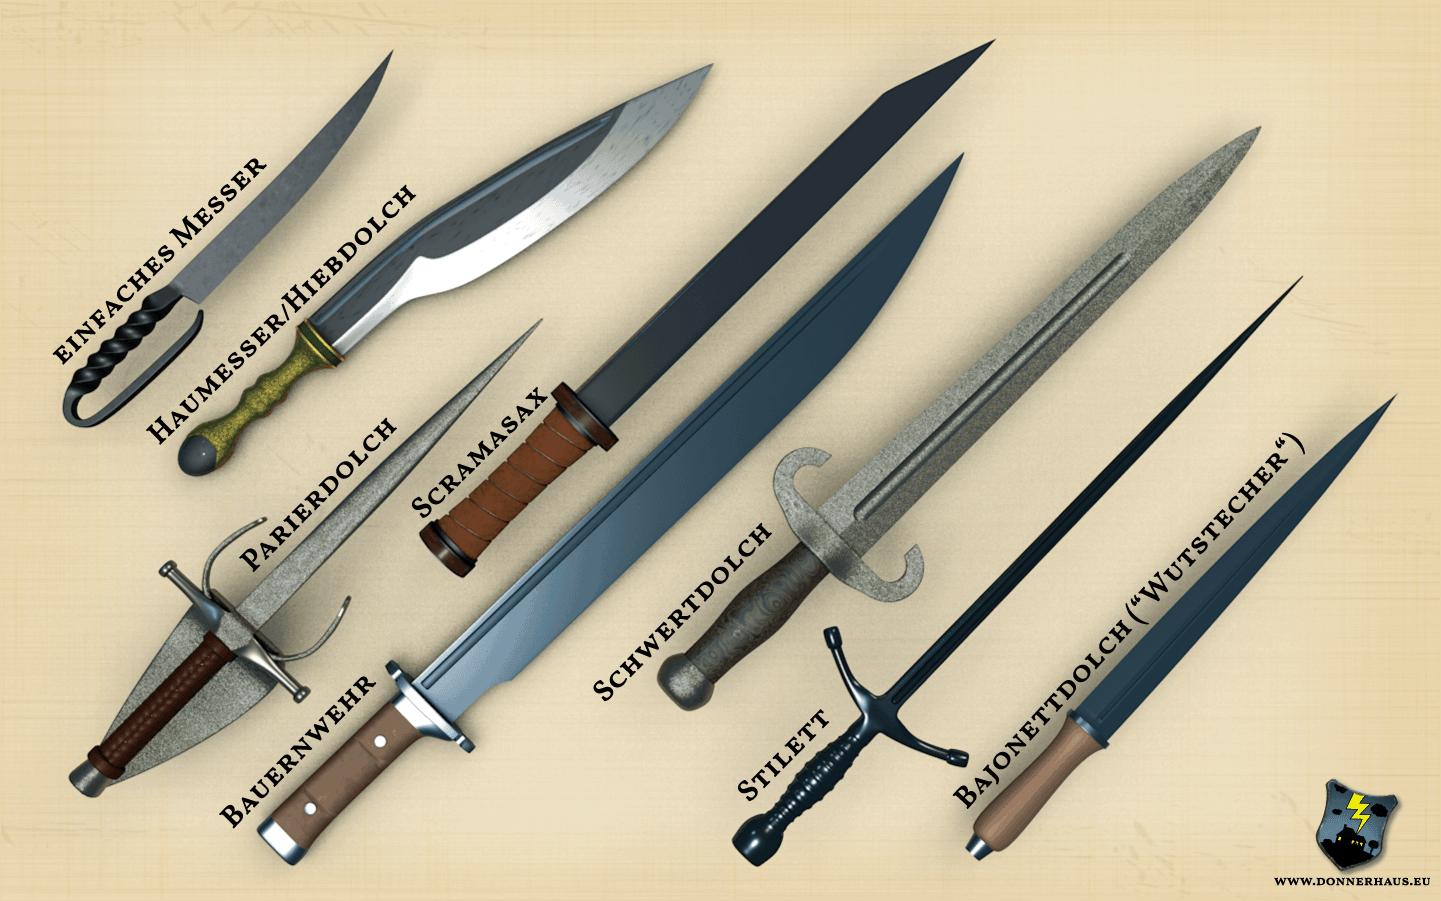 Ansammlung von Dolchen: Einfaches Messer, Haumesser, Pardierdolch, Scramasax, Bauernwehr, Schwertdolch, Stilett und Bajonettdolch (sogenannter Wutstecher)